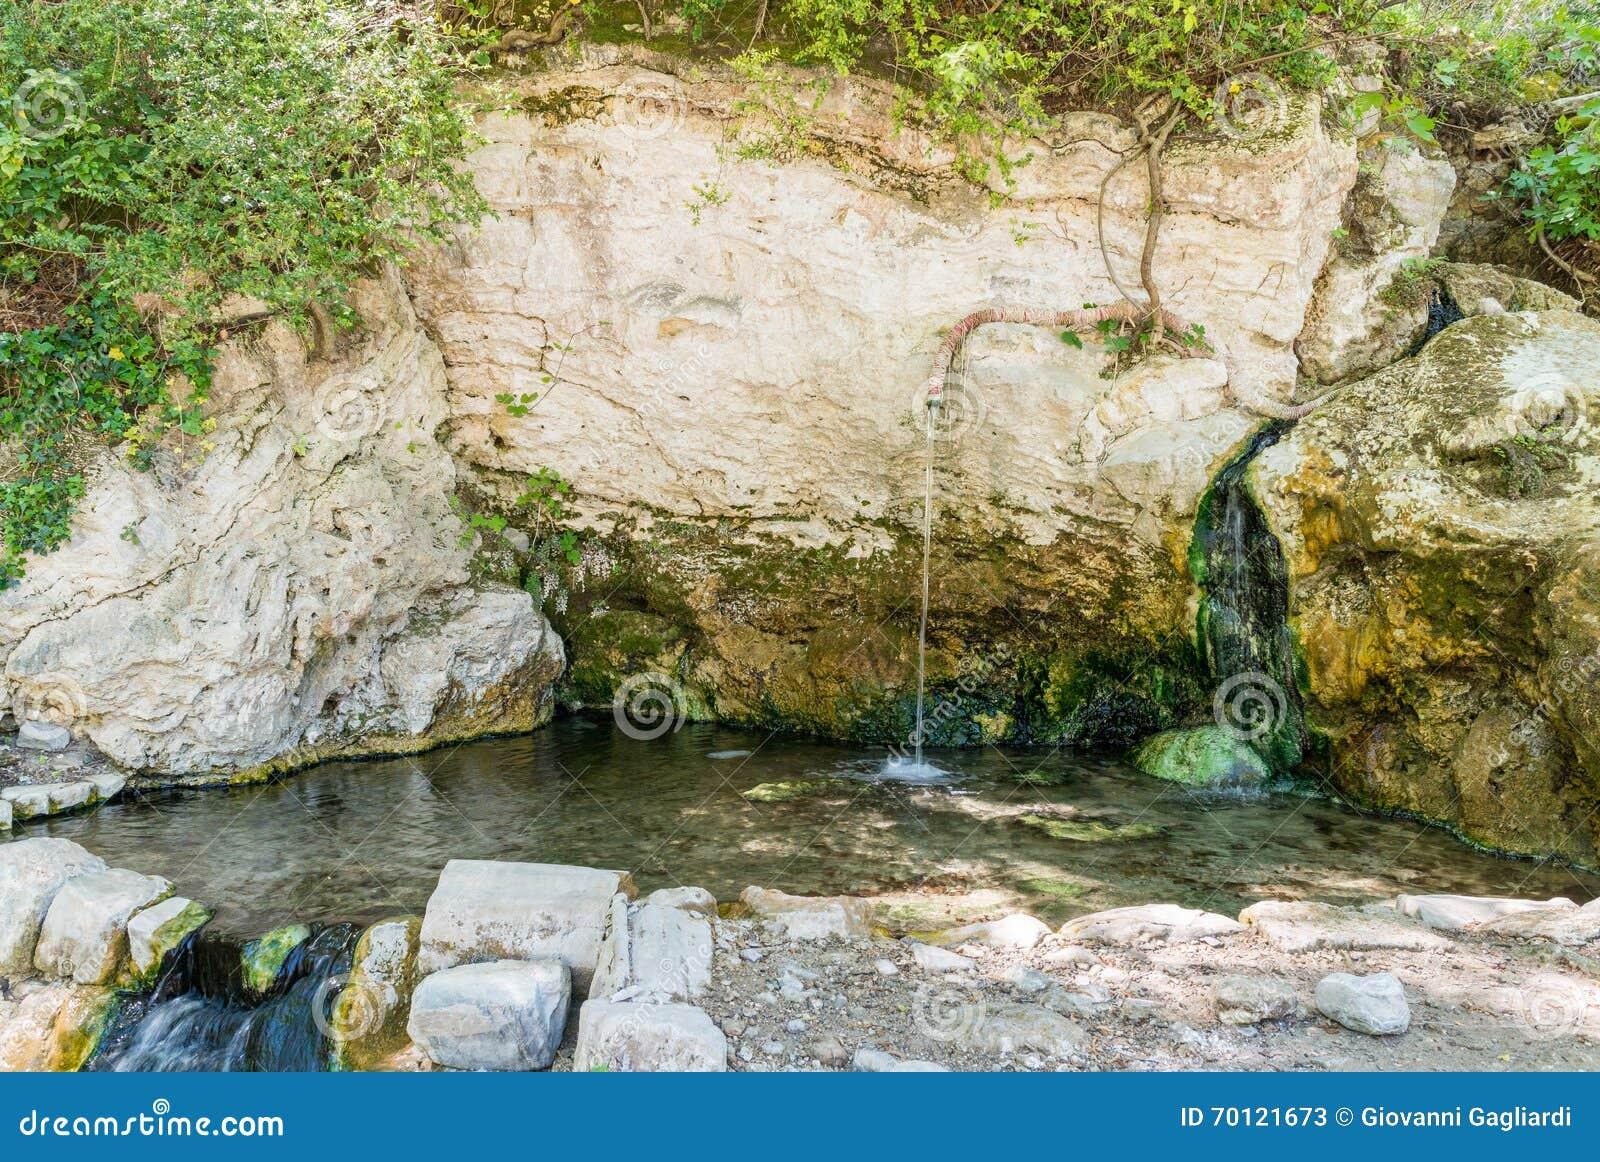 Περιοχή της Τοσκάνης, της Ιταλίας Bagni SAN Filippo - φυσική ομορφιά που γίνεται το φ